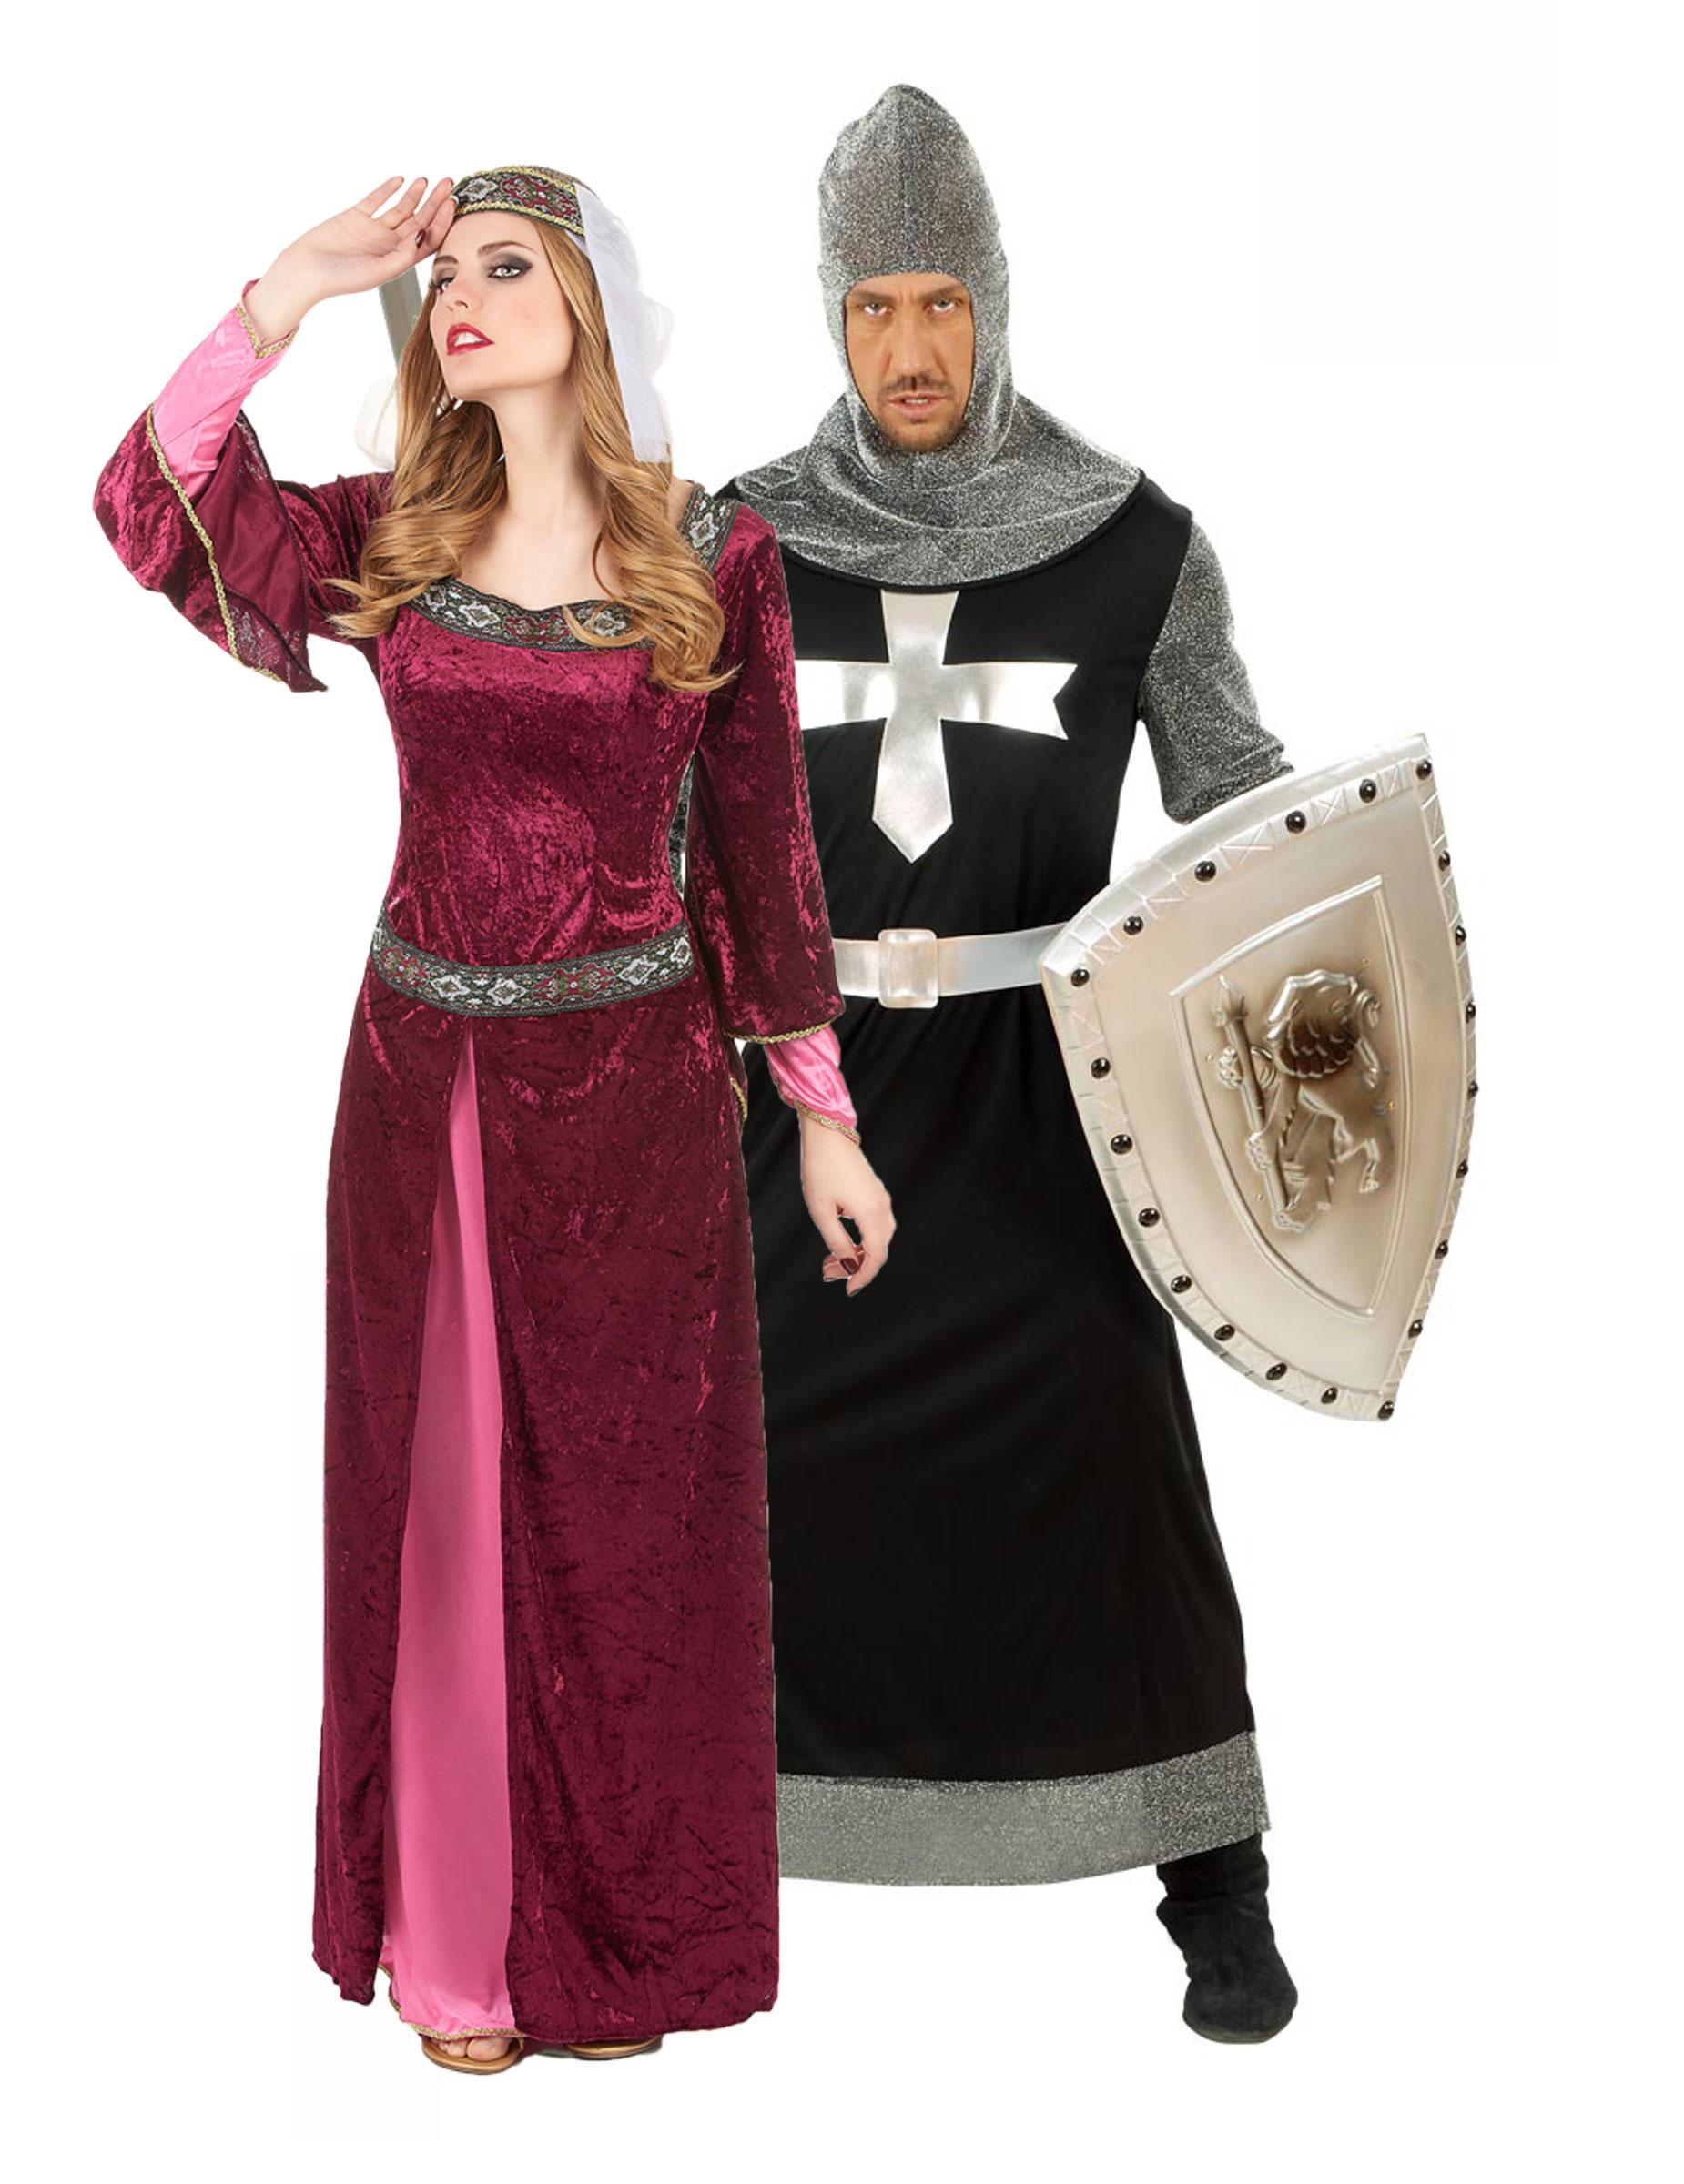 reine chevalier